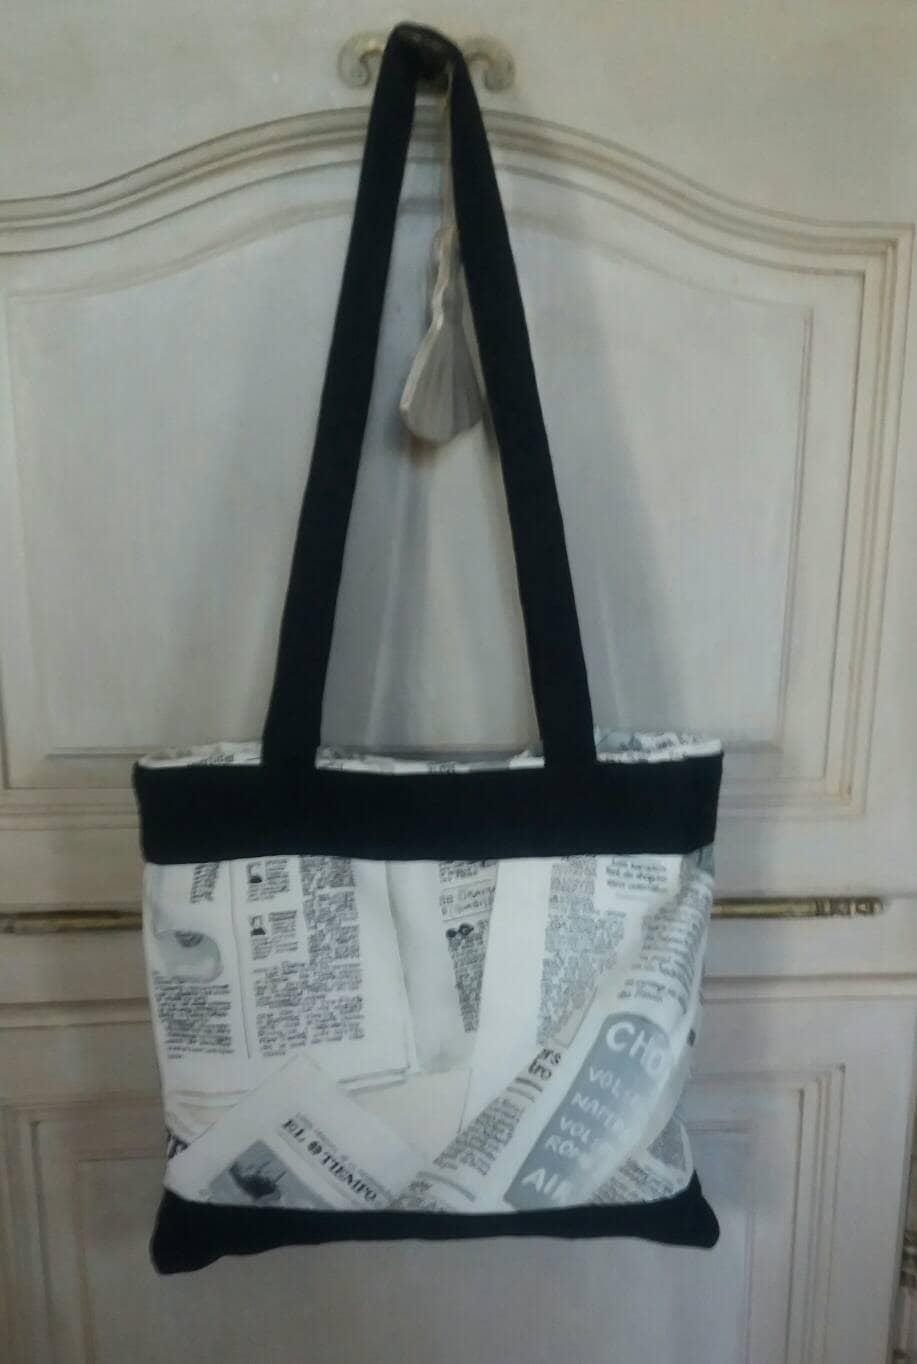 sac tote bag impression journal noir et blanc. Black Bedroom Furniture Sets. Home Design Ideas